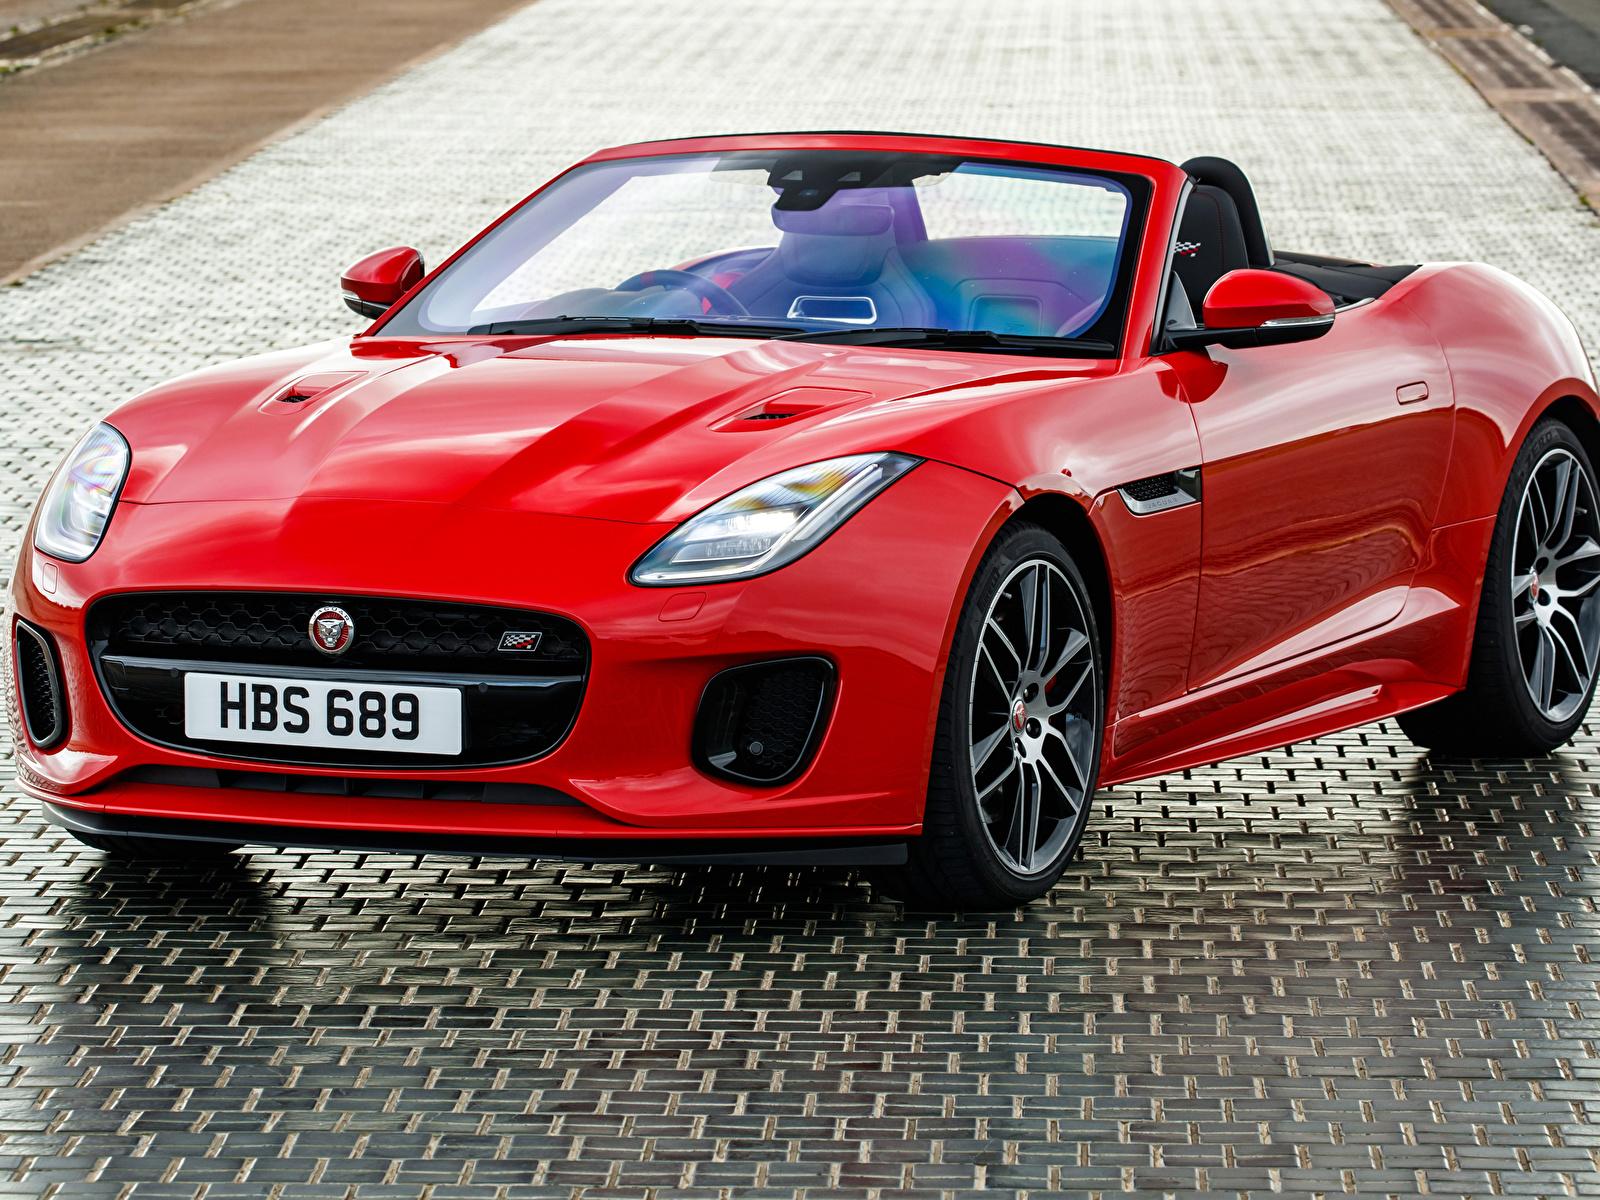 Обои Ягуар 2018-19 F-Type  Chequered Flag  Convertible Кабриолет красные машины Металлик 1600x1200 Jaguar кабриолета красных Красный красная авто машина автомобиль Автомобили